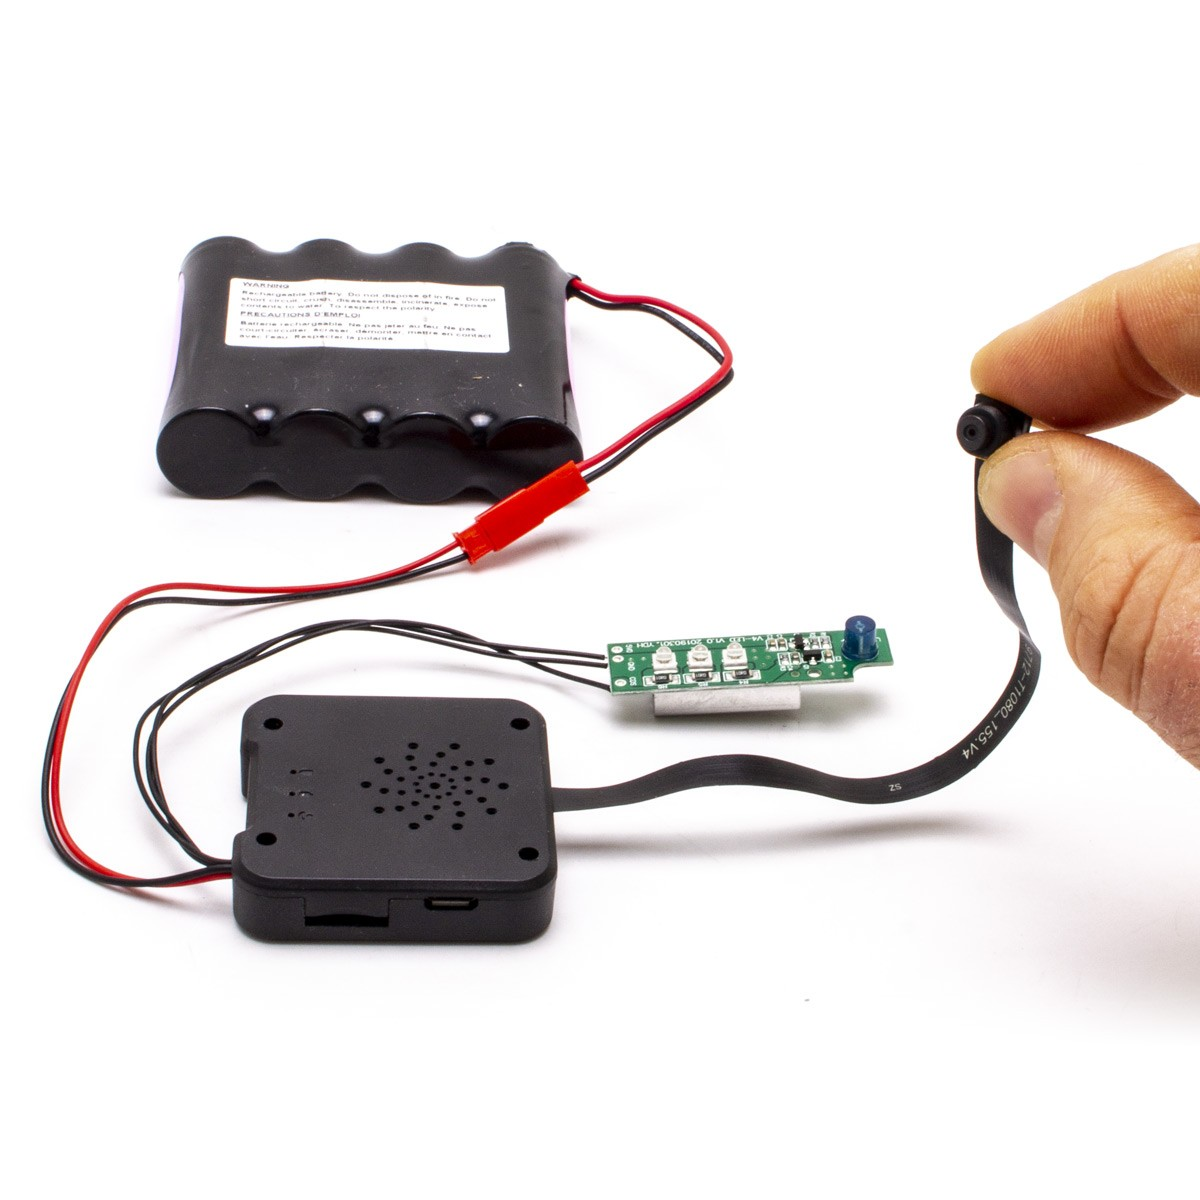 Module micro caméra IP WiFi HD longue autonomie avec vision nocturne et enregistreur à intégrer